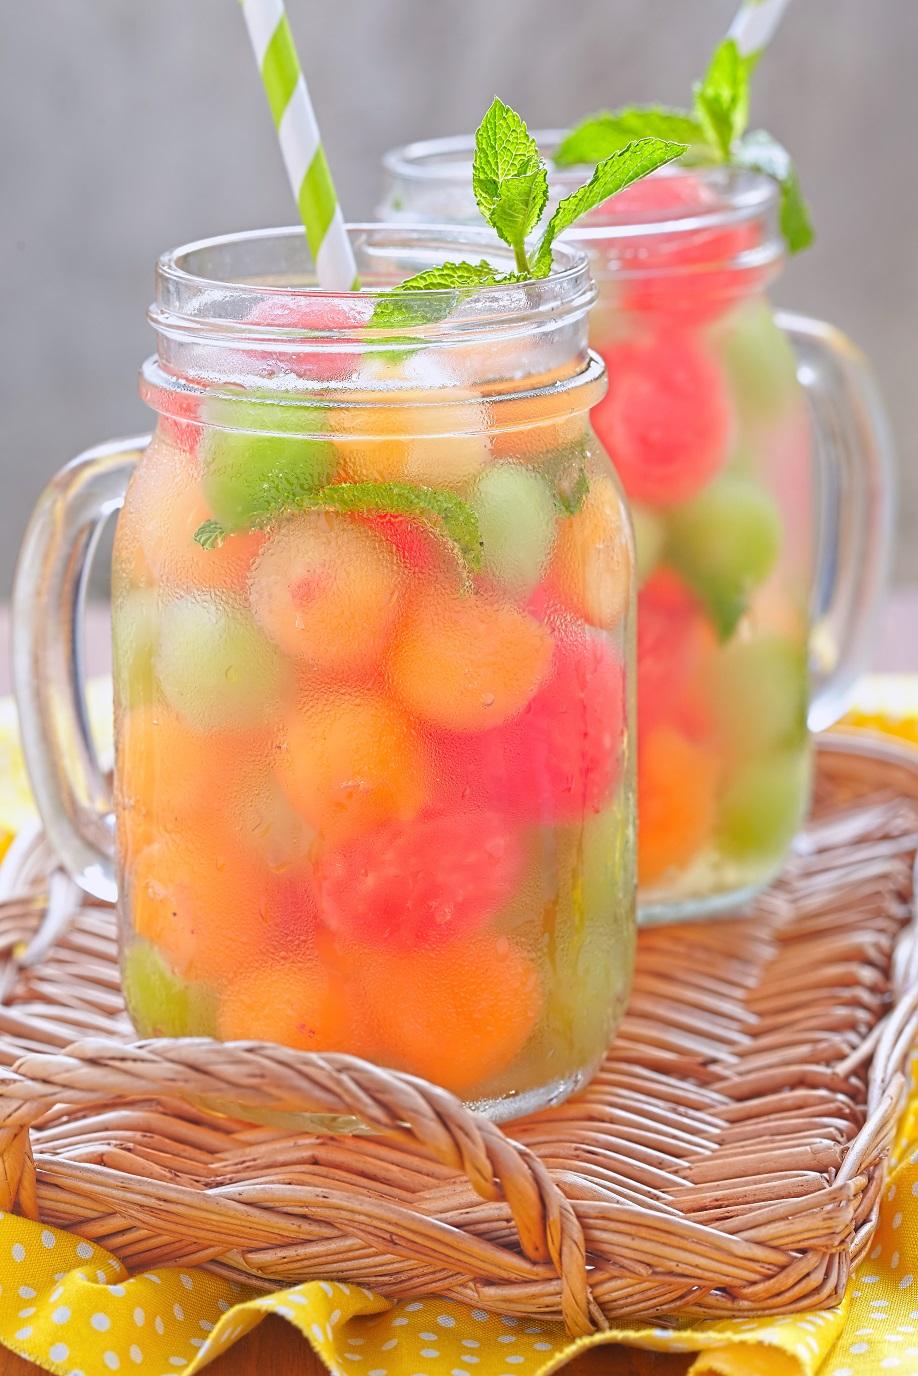 Westwing-eaux-aromatisées-melon-pastèque